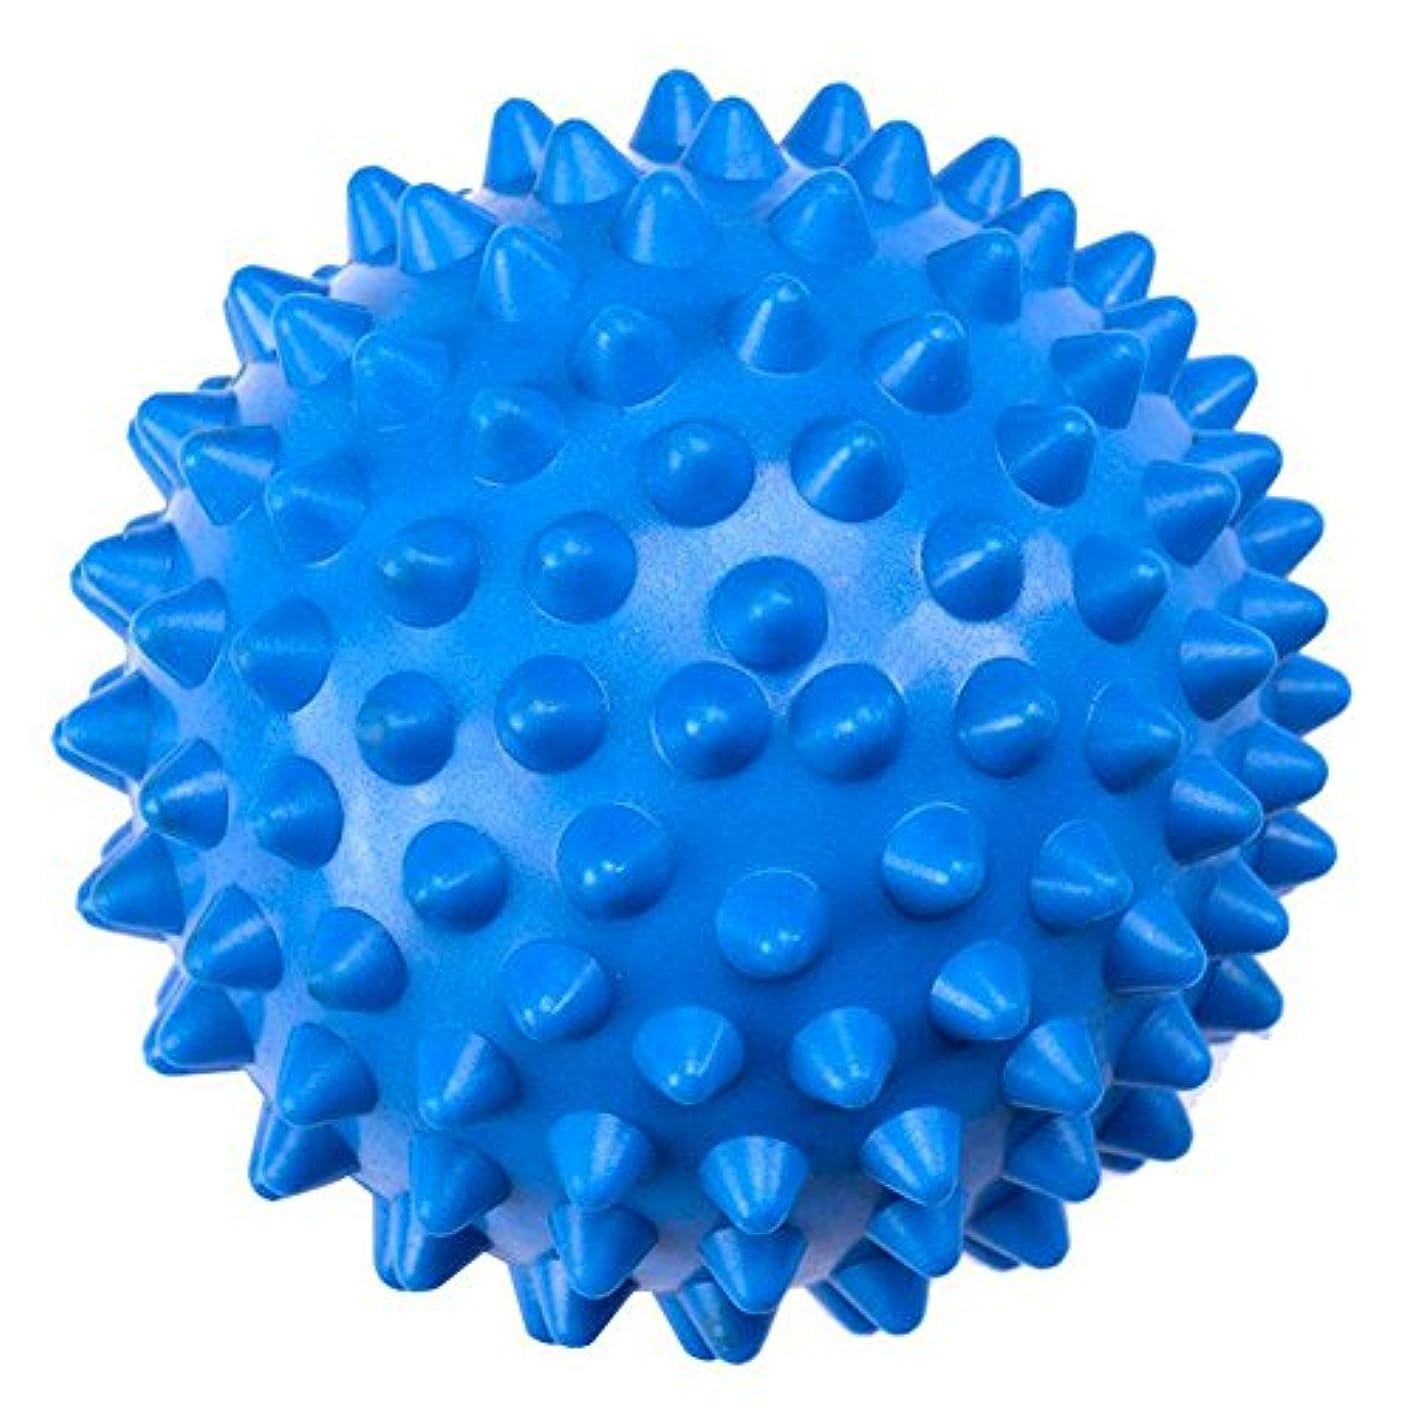 ルーキーつづり騒乱HiCollie マッサージボール 触覚ボール リフレックスボール トレーニングボール ポイントマッサージ 筋筋膜リリース 筋肉緊張和らげ 血液循環促進 6cm